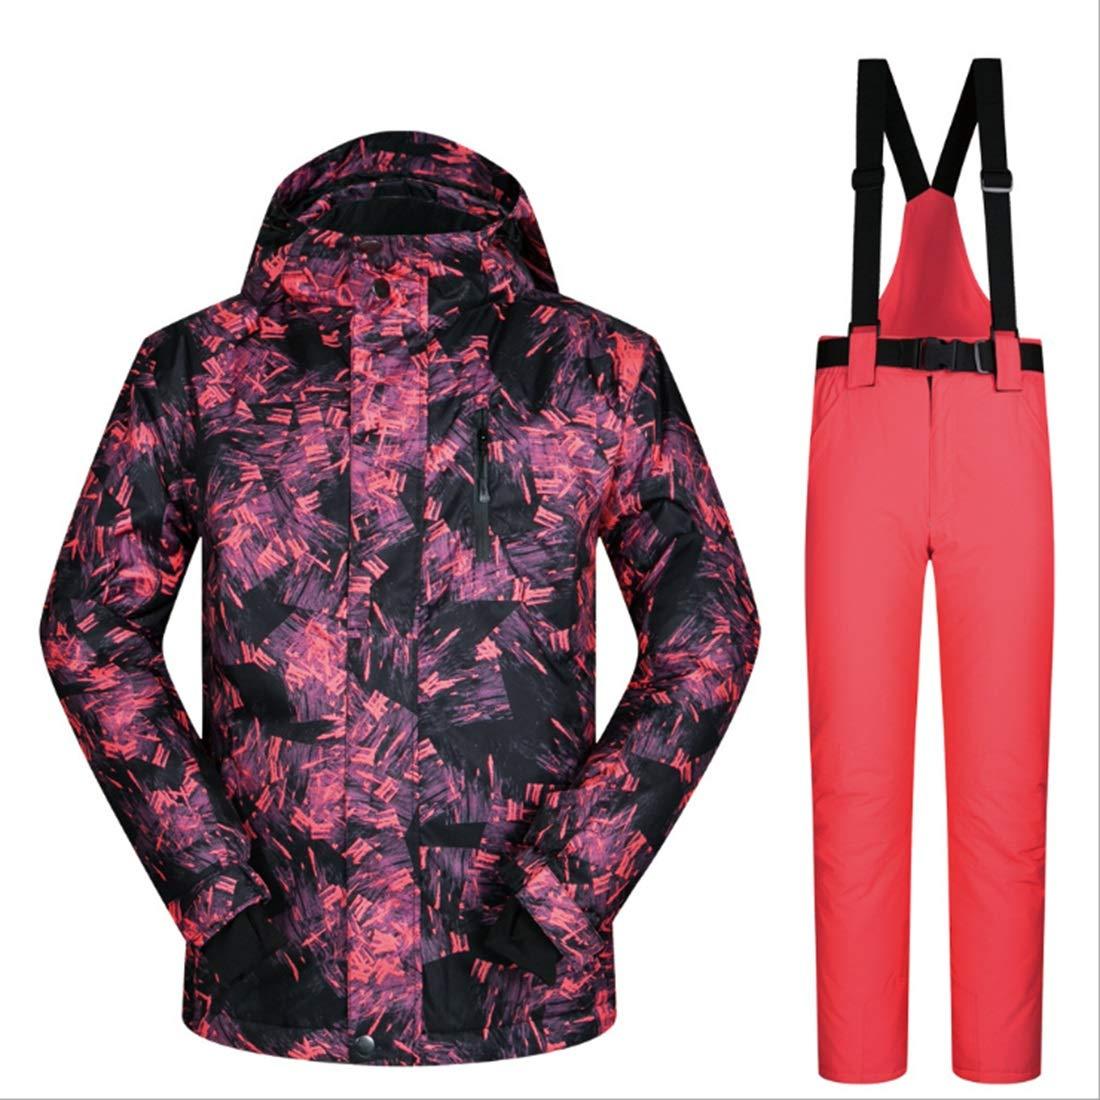 Cvthfyky Snowsuit da Uomo Winter Giacca Giacca Giacca da Sci e Pantaloni per la Neve da Pioggia Outdoor Hiking (Coloree   06, Dimensione   XXXL)B07M9W8FYLM 01 | prezzo di vendita  | lusso  | Intelligente e pratico  | Lavorazione perfetta  | Caratteristico  | Promo 8f50e0